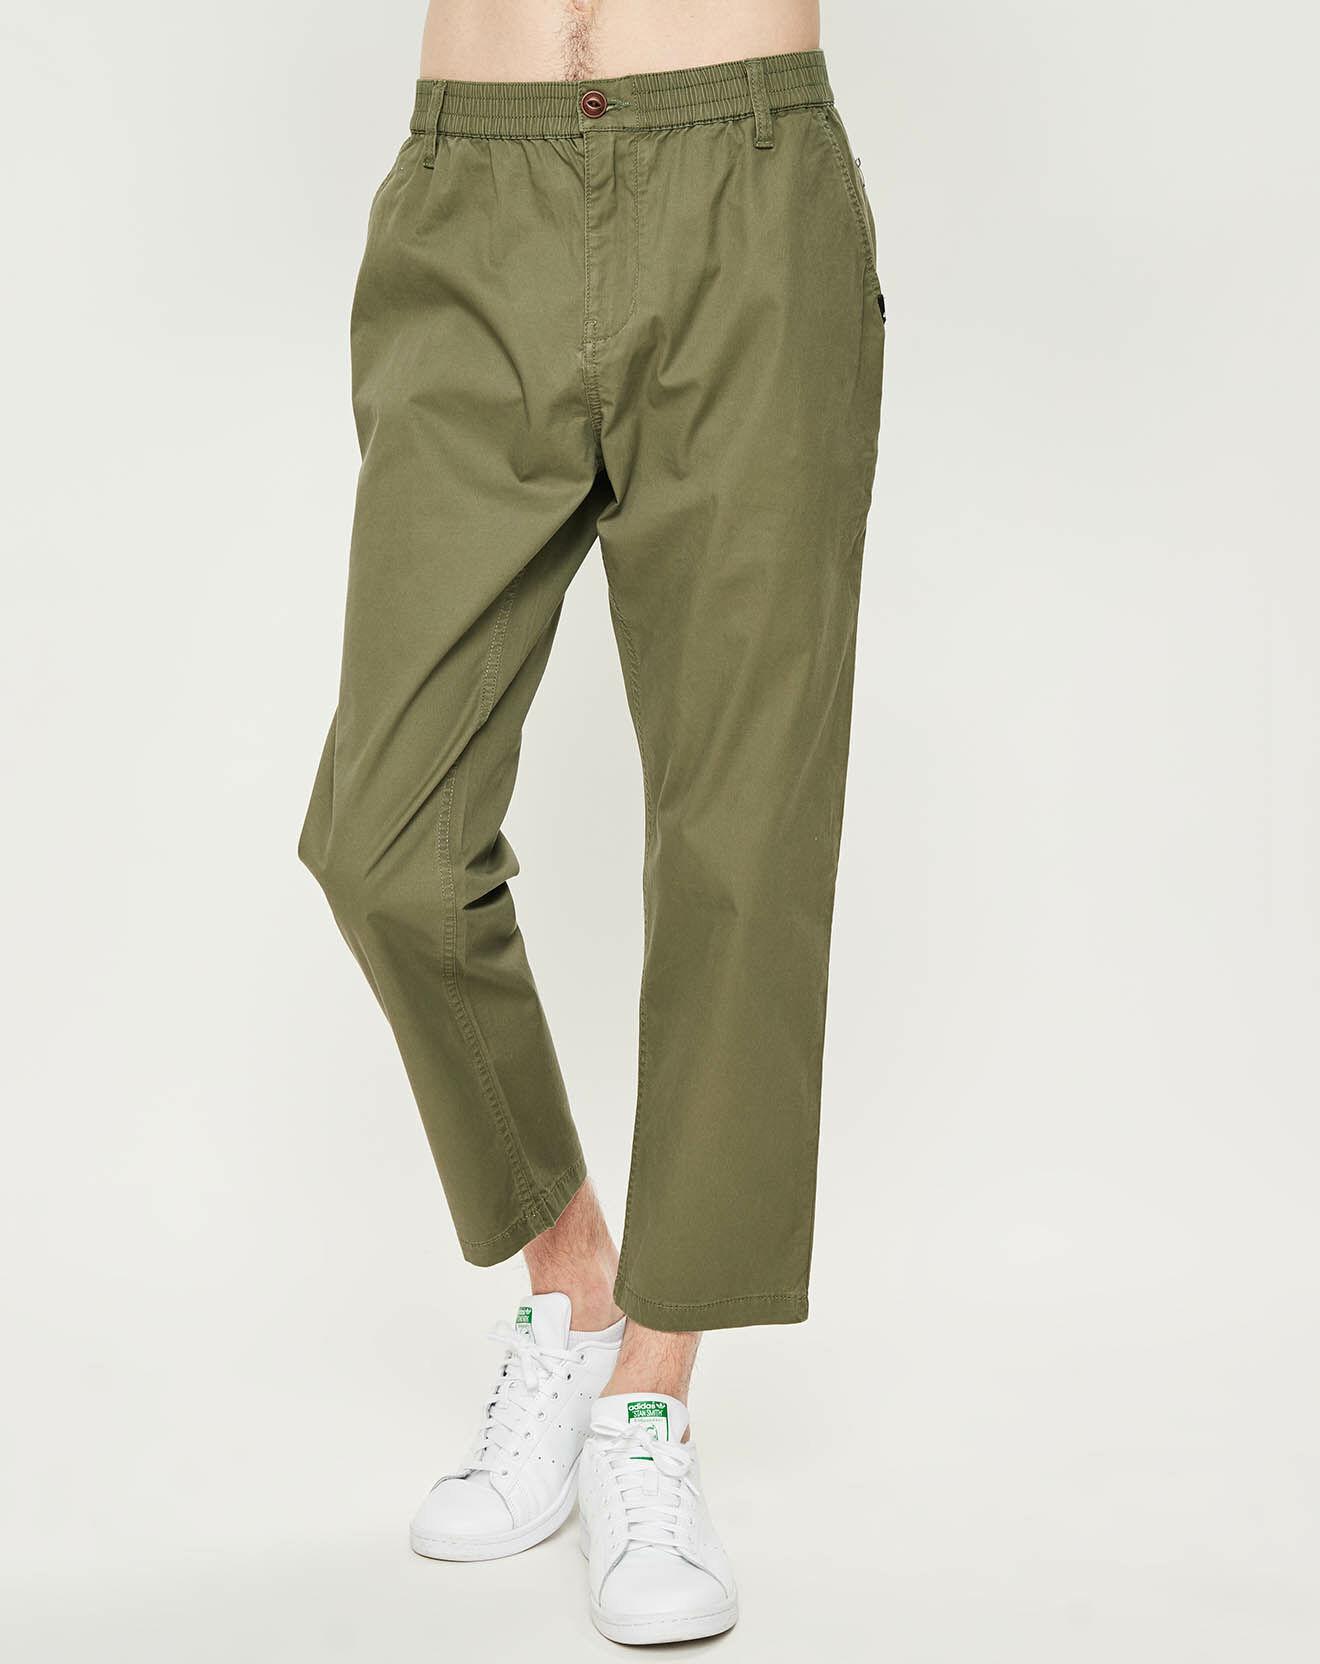 Pantalon Flex kaki - Quiksilver - Modalova